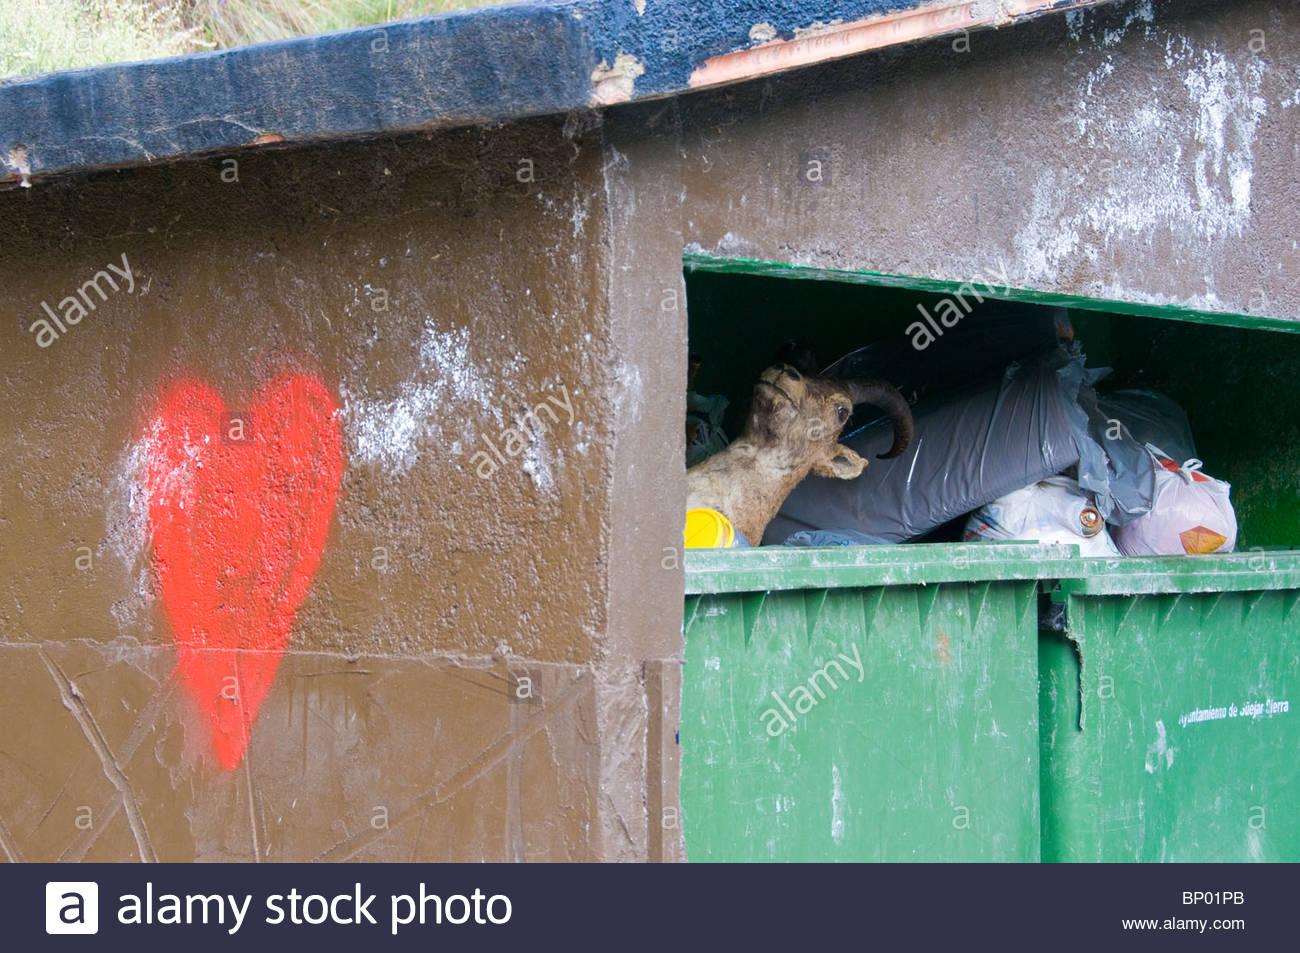 Una cabra salvaje de peluche arrojados a un contenedor de basura Imagen De Stock